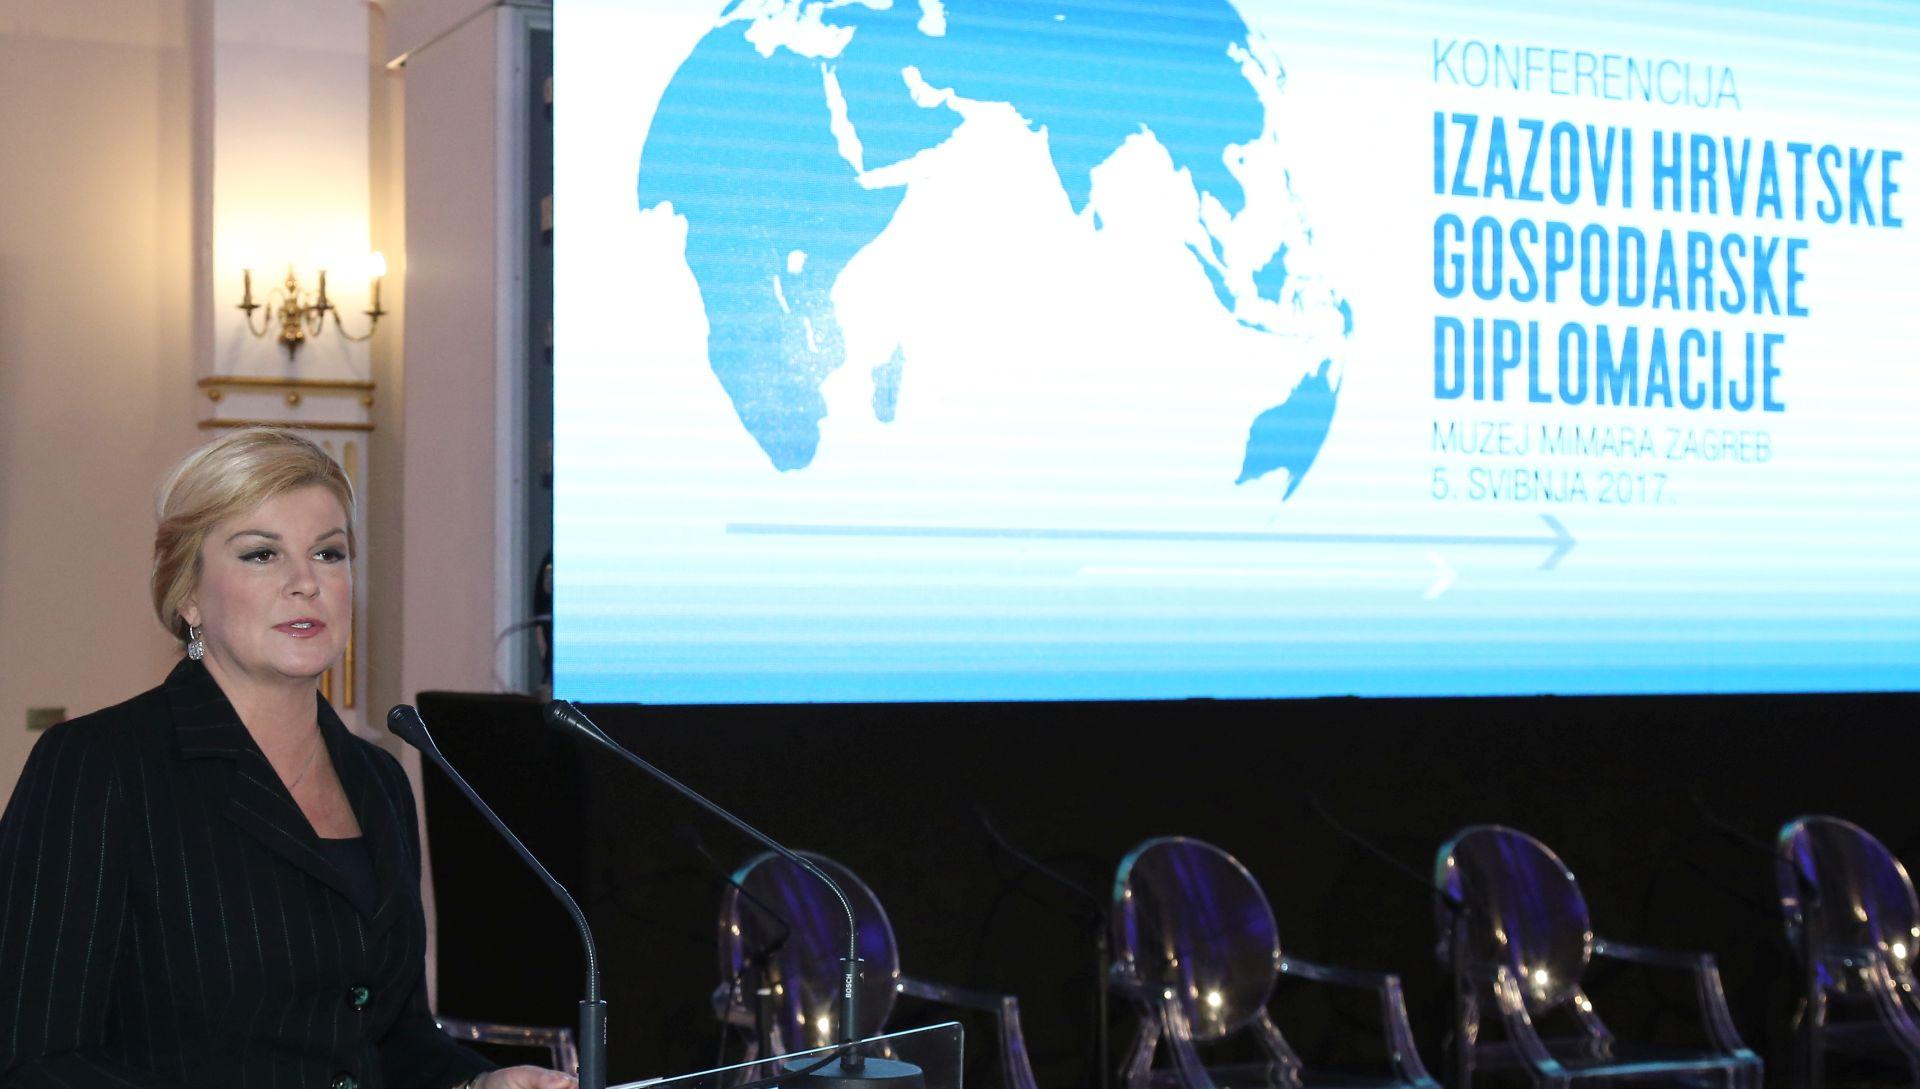 GRABAR-KITAROVIĆ 'Sporazum MVEP-a i HGK-a prvi je korak u modernizaciji diplomacije'